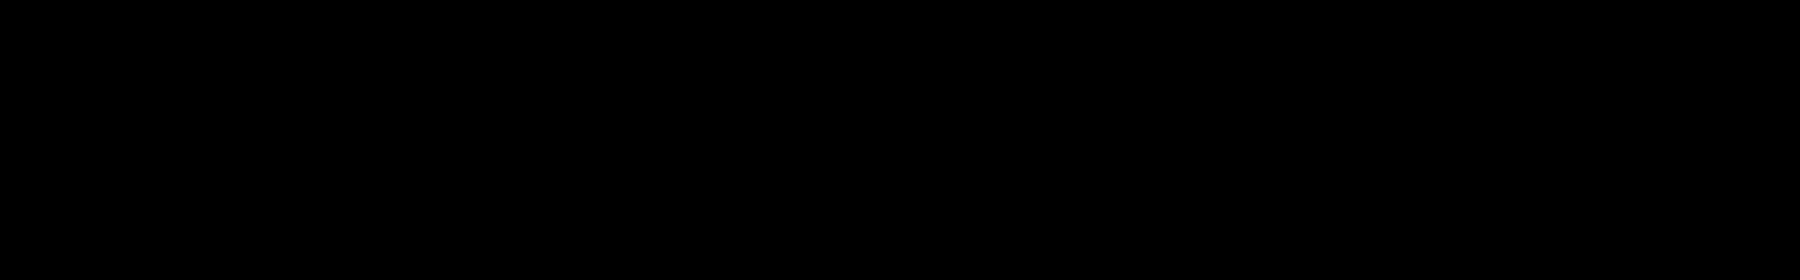 Cyclic Techno audio waveform